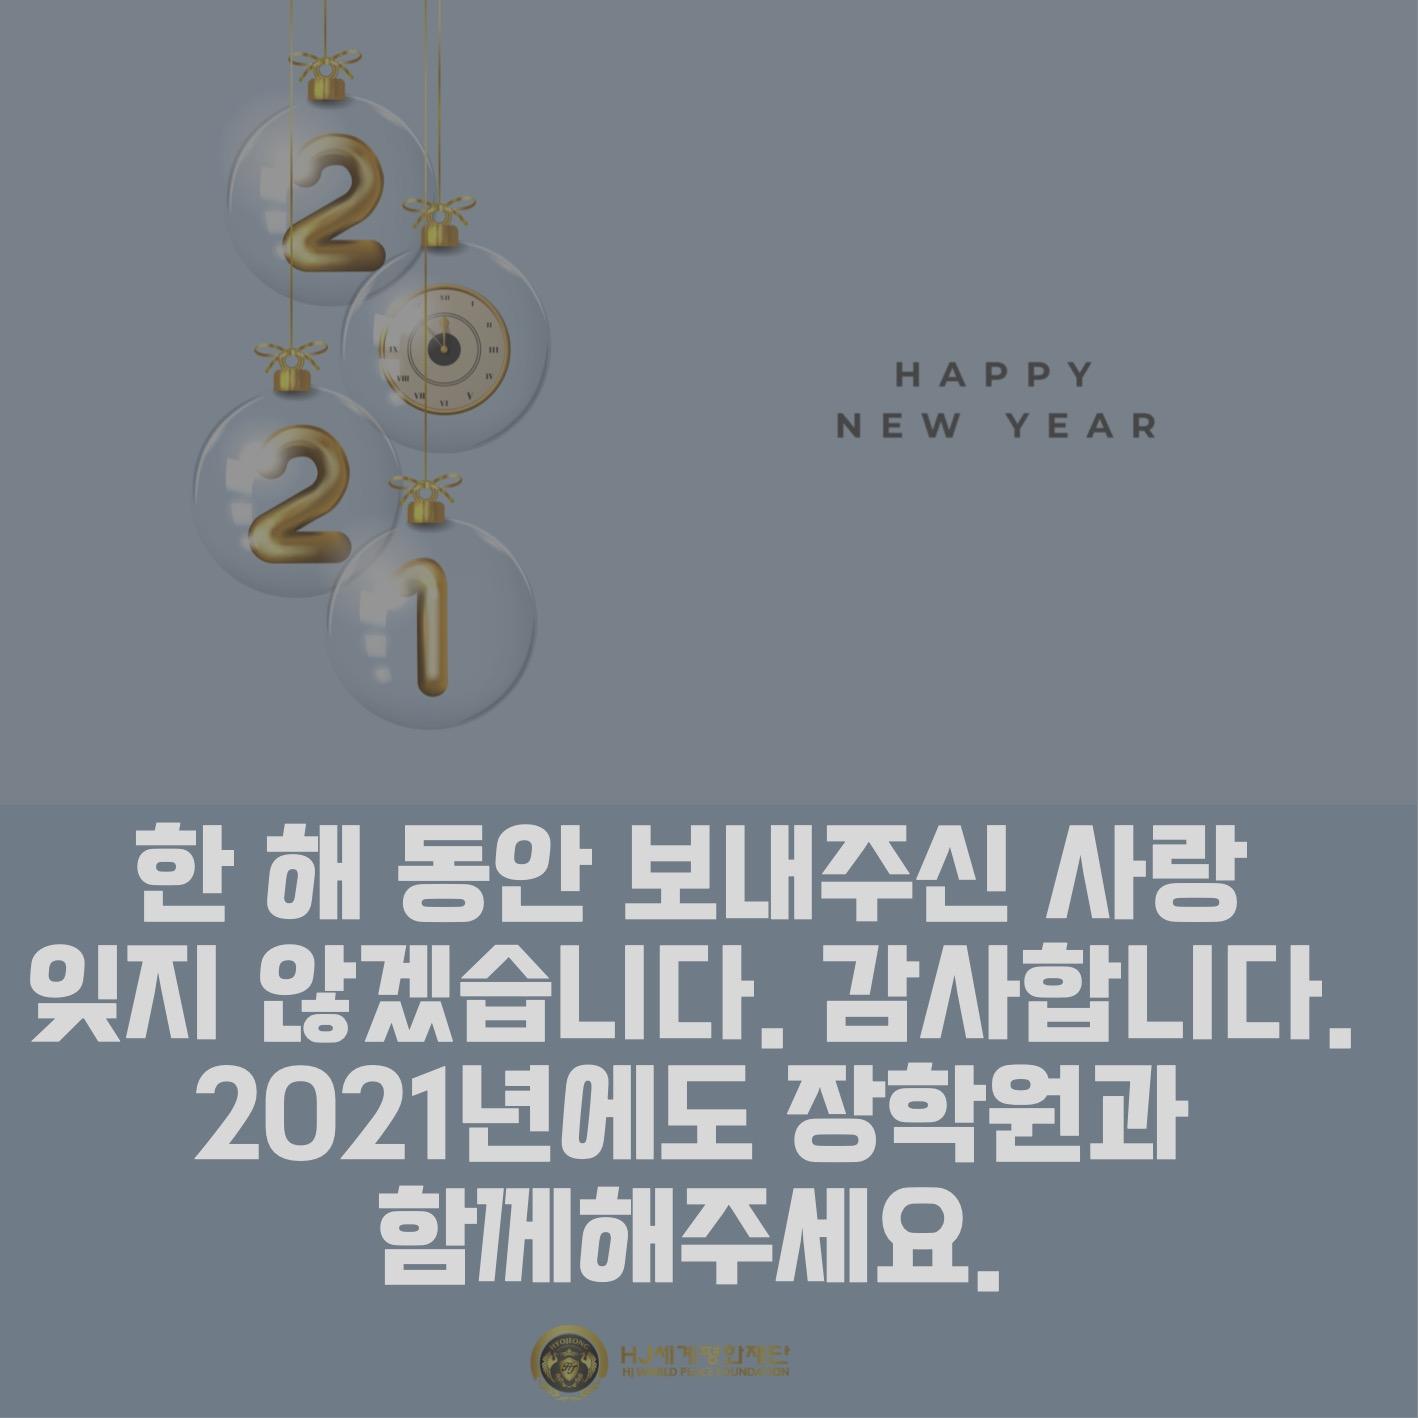 KakaoTalk_20210103_163610118_07.jpg